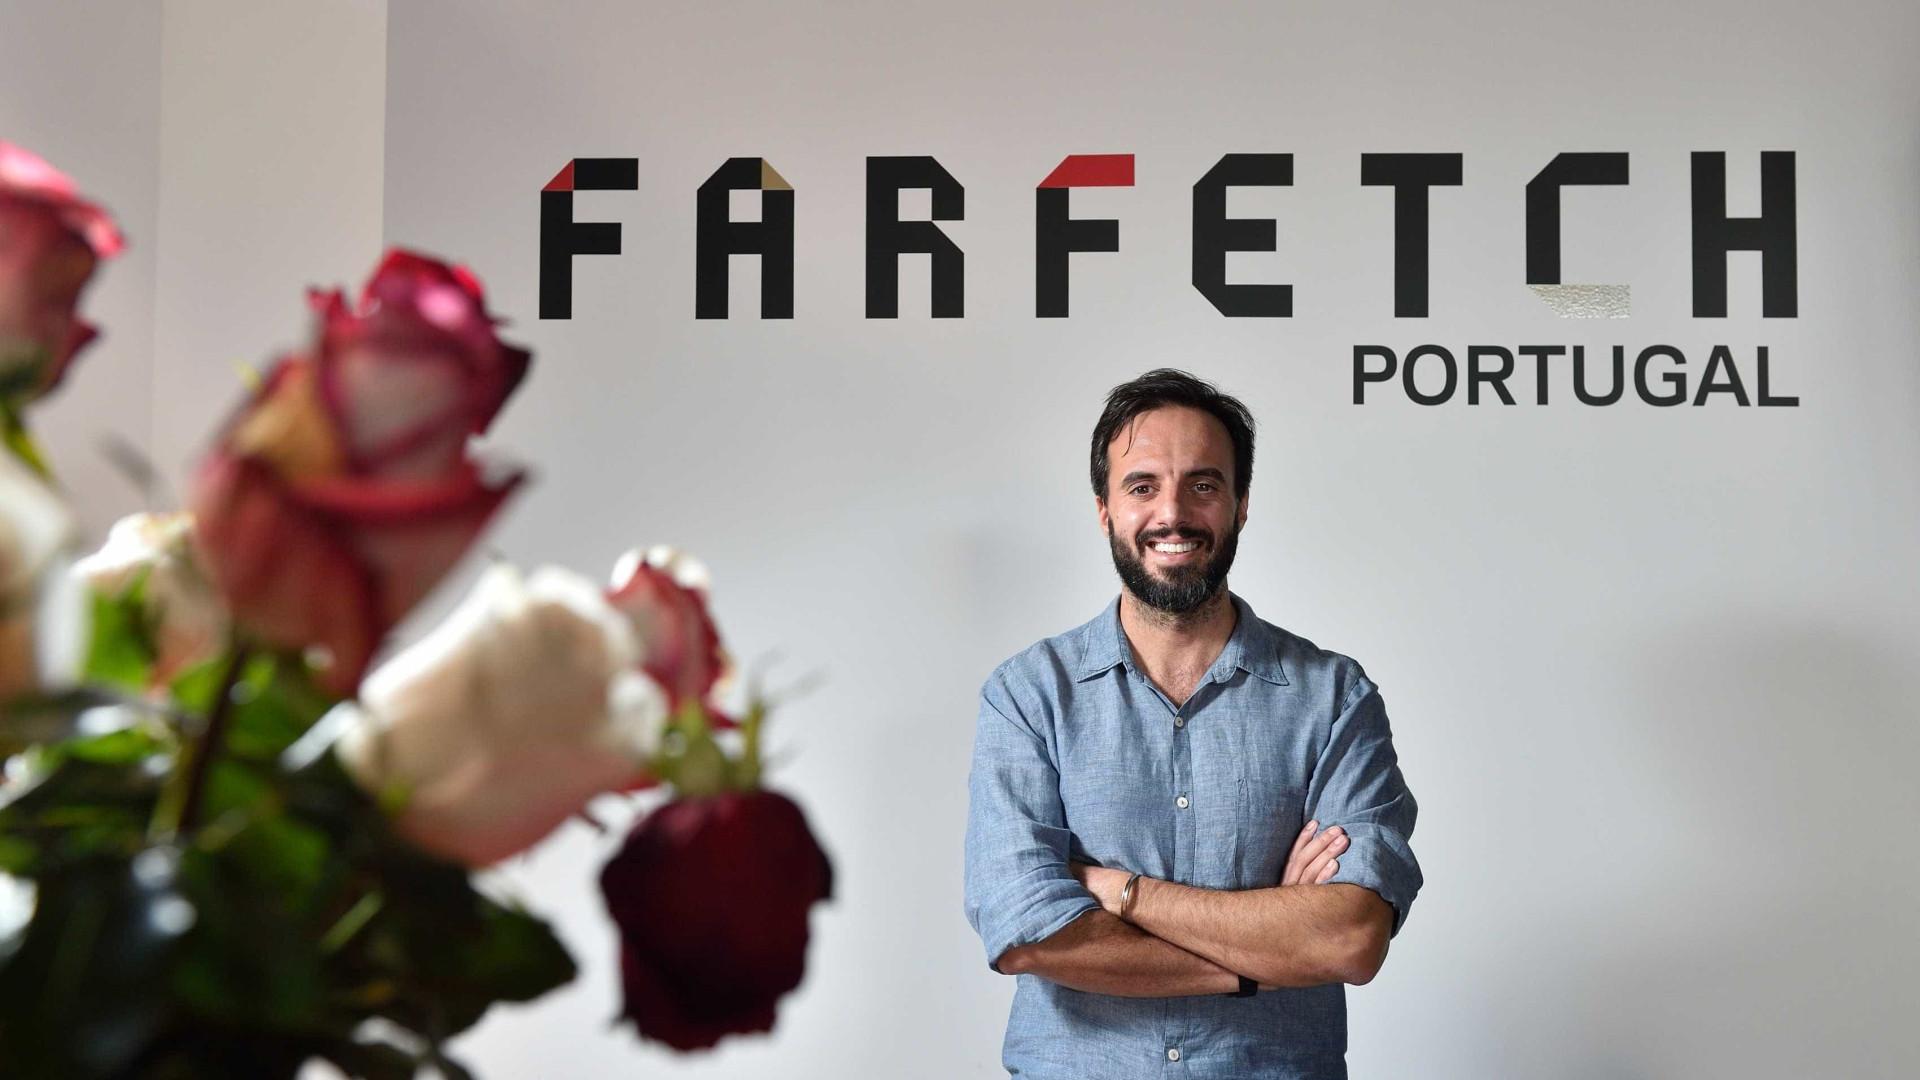 Farfetch. Um unicórnio português que quer entrar na bolsa de Nova Iorque